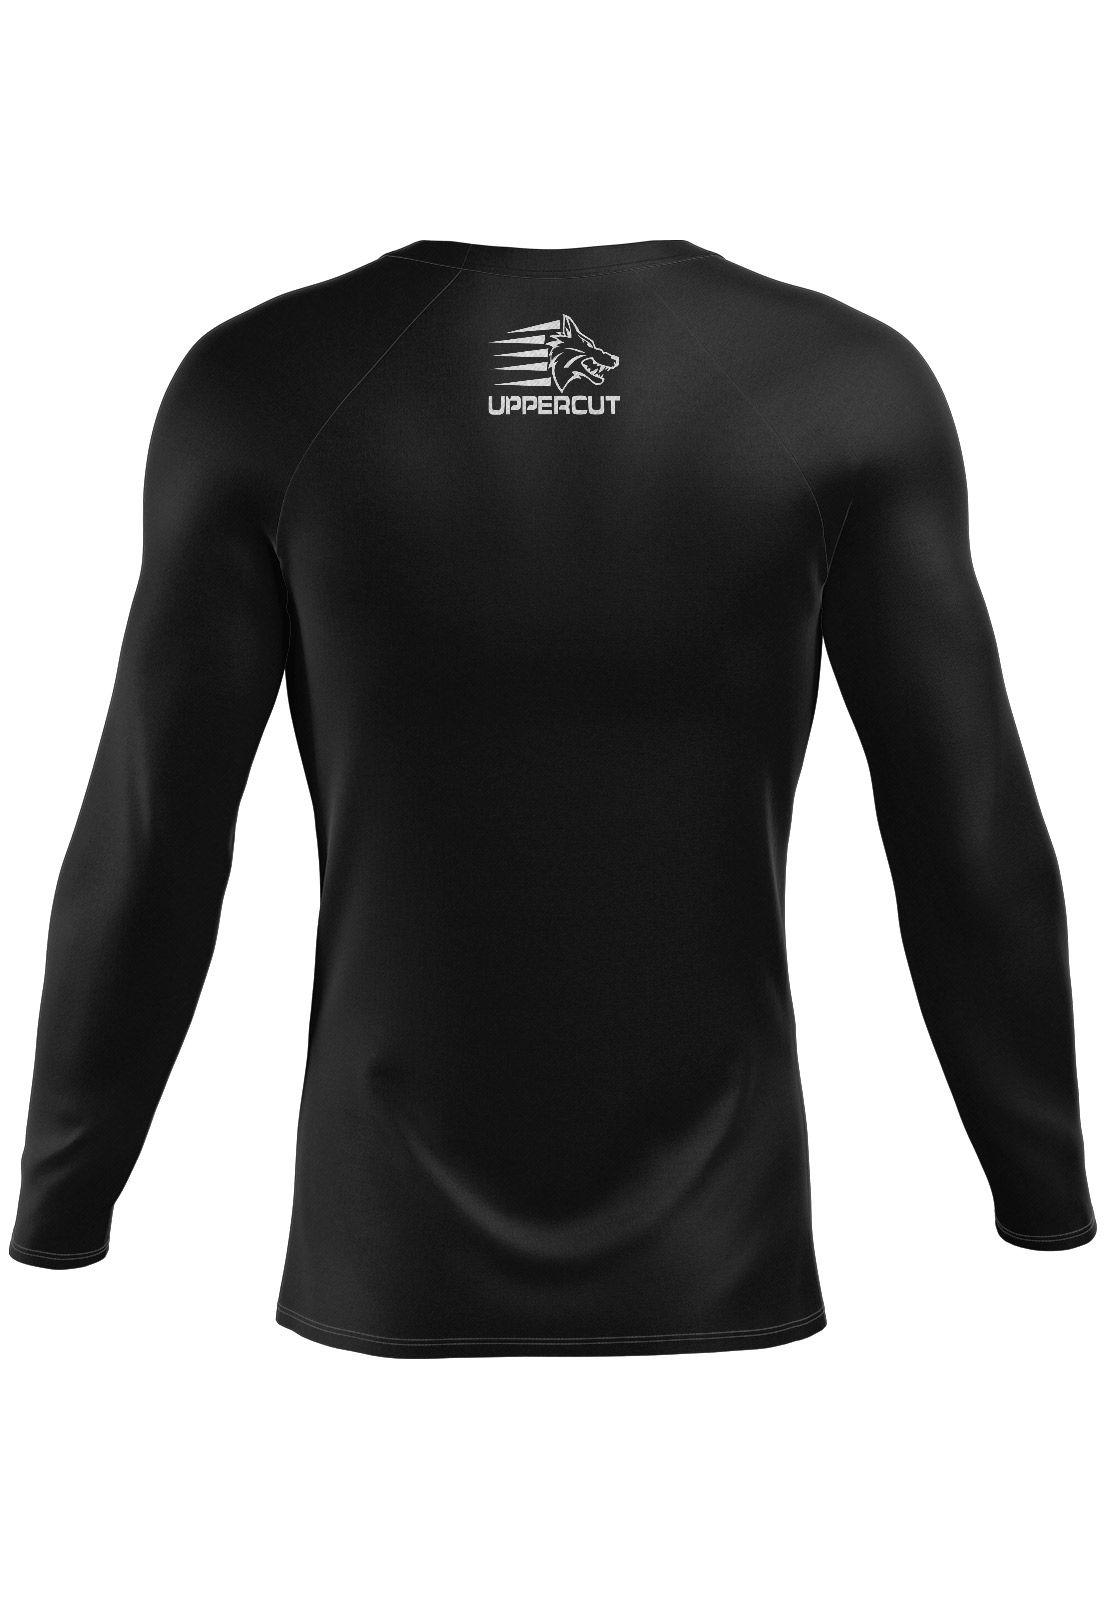 Camisa Tema Ciclismo Térmica Proteção Solar Uppercut